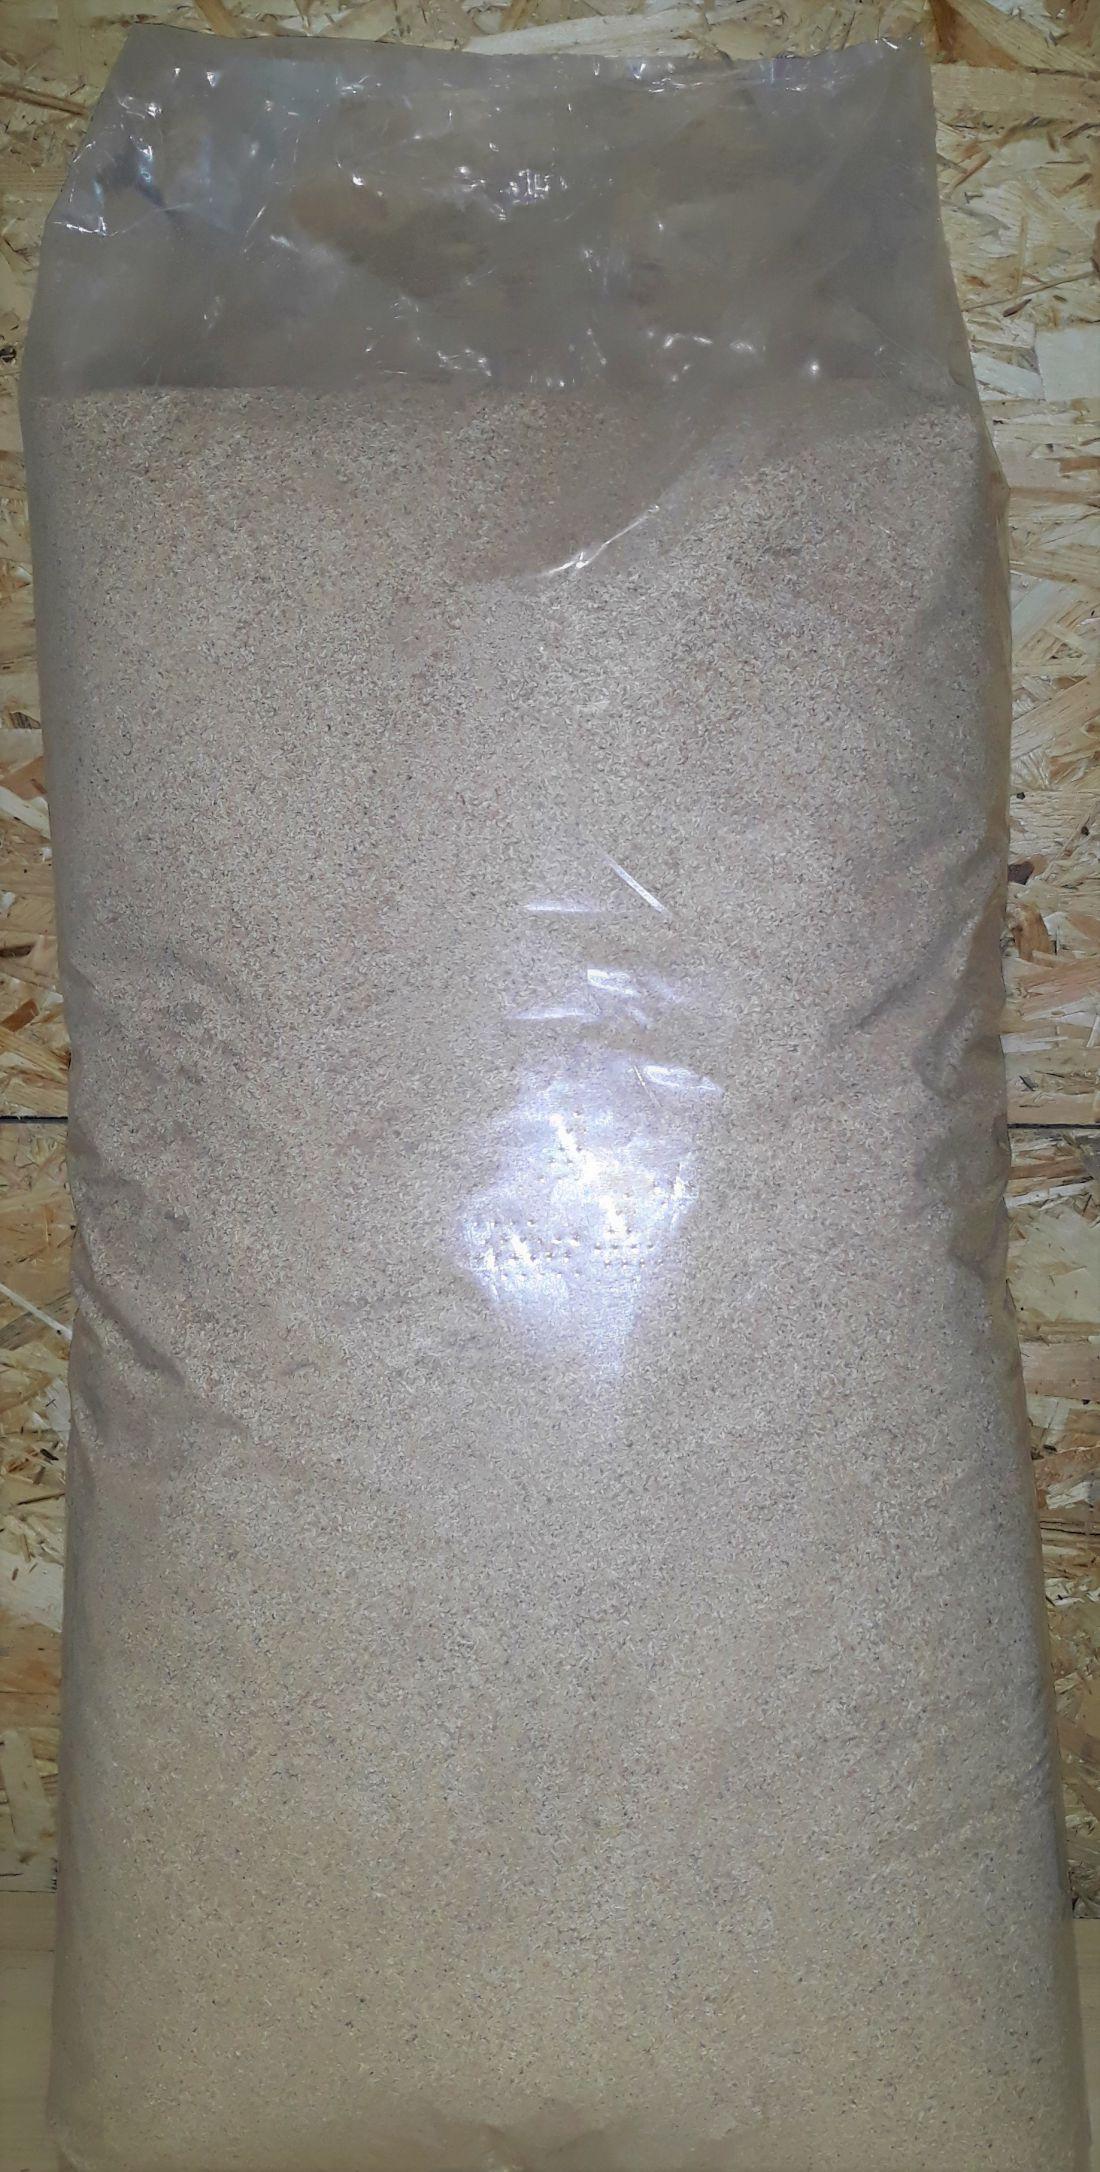 Német bükkfa apríték 0,5-1 mm hideg/meleg füstöléshez fűrészpor - 15 kg